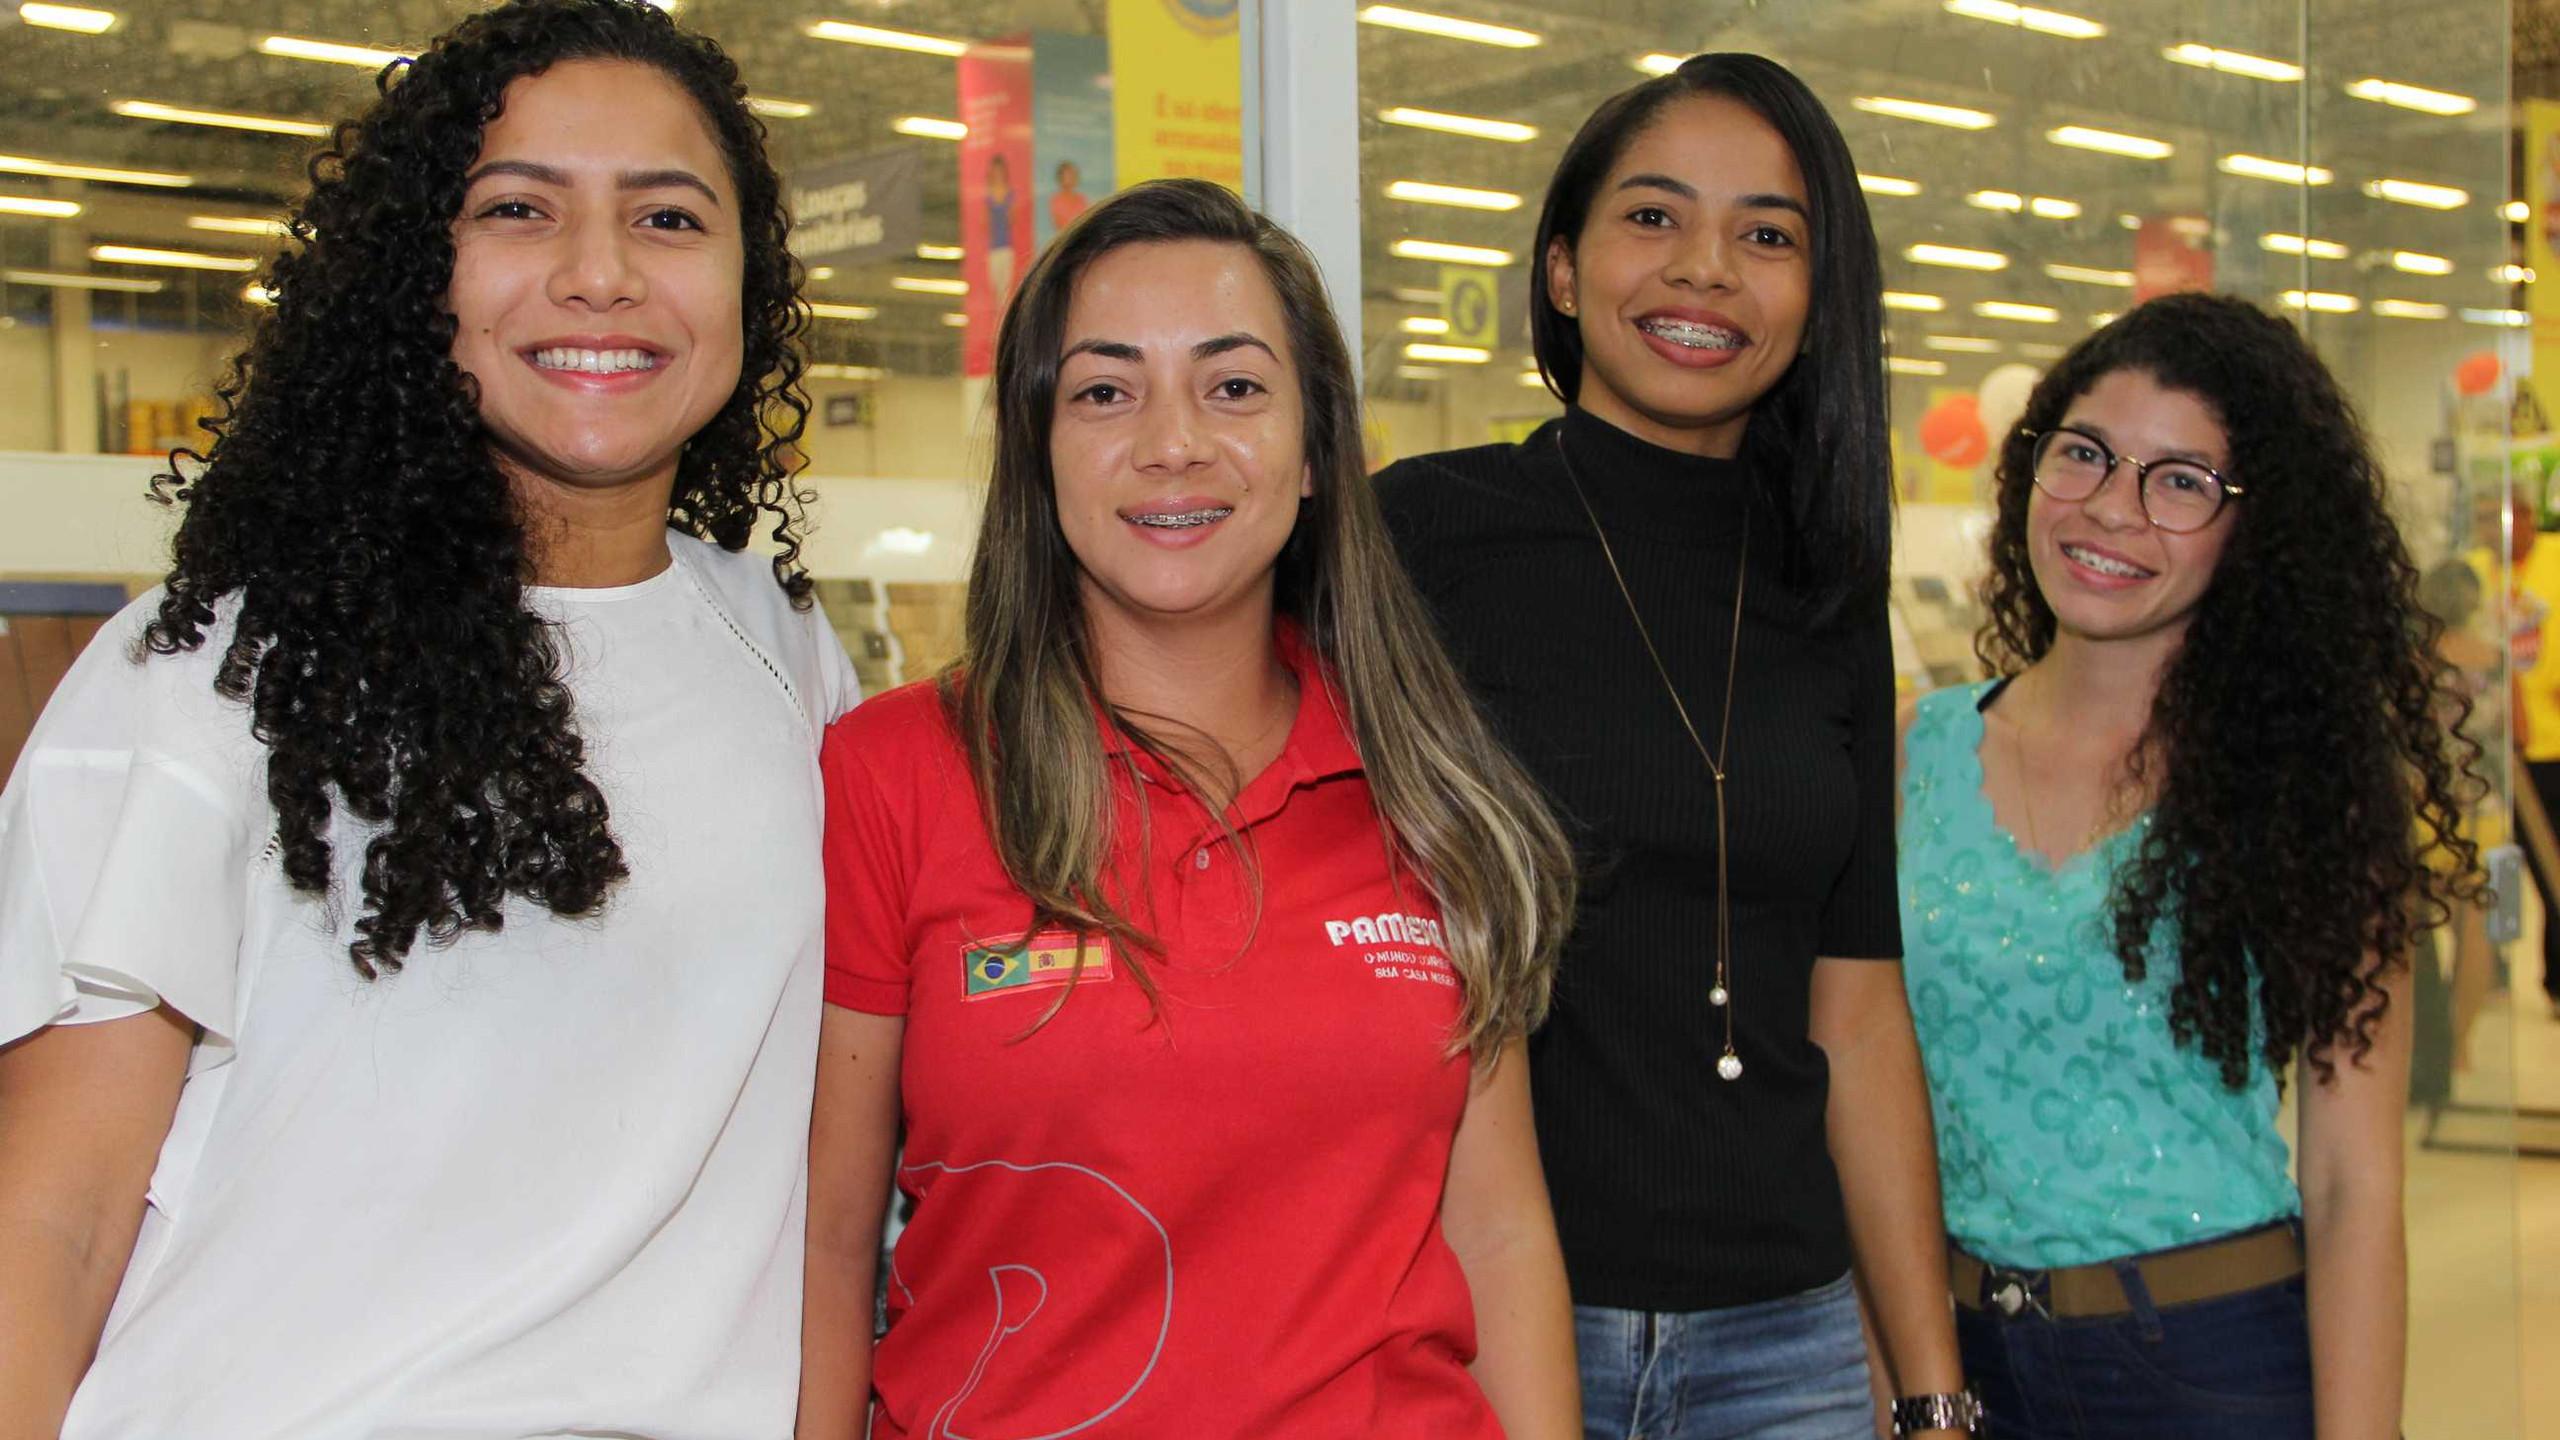 Áurea Thaís, Raiane Ribeiro, Jéssica Ribeiro e Elizabeth Melo.